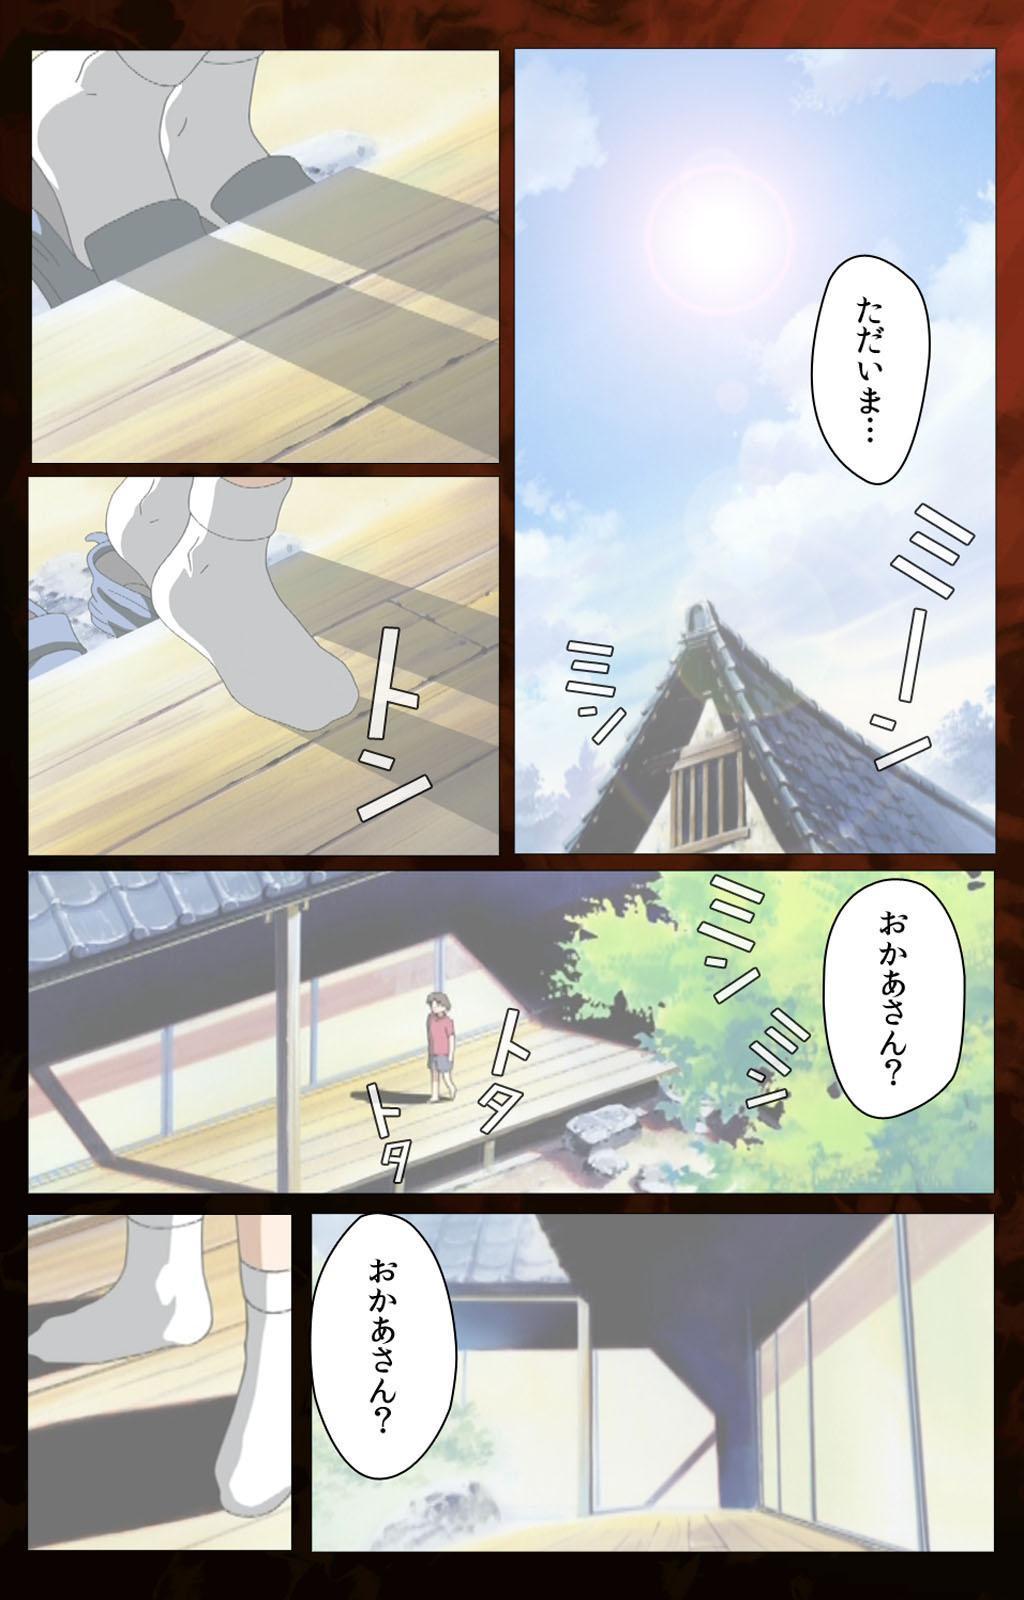 Gibo kanzenhan 39